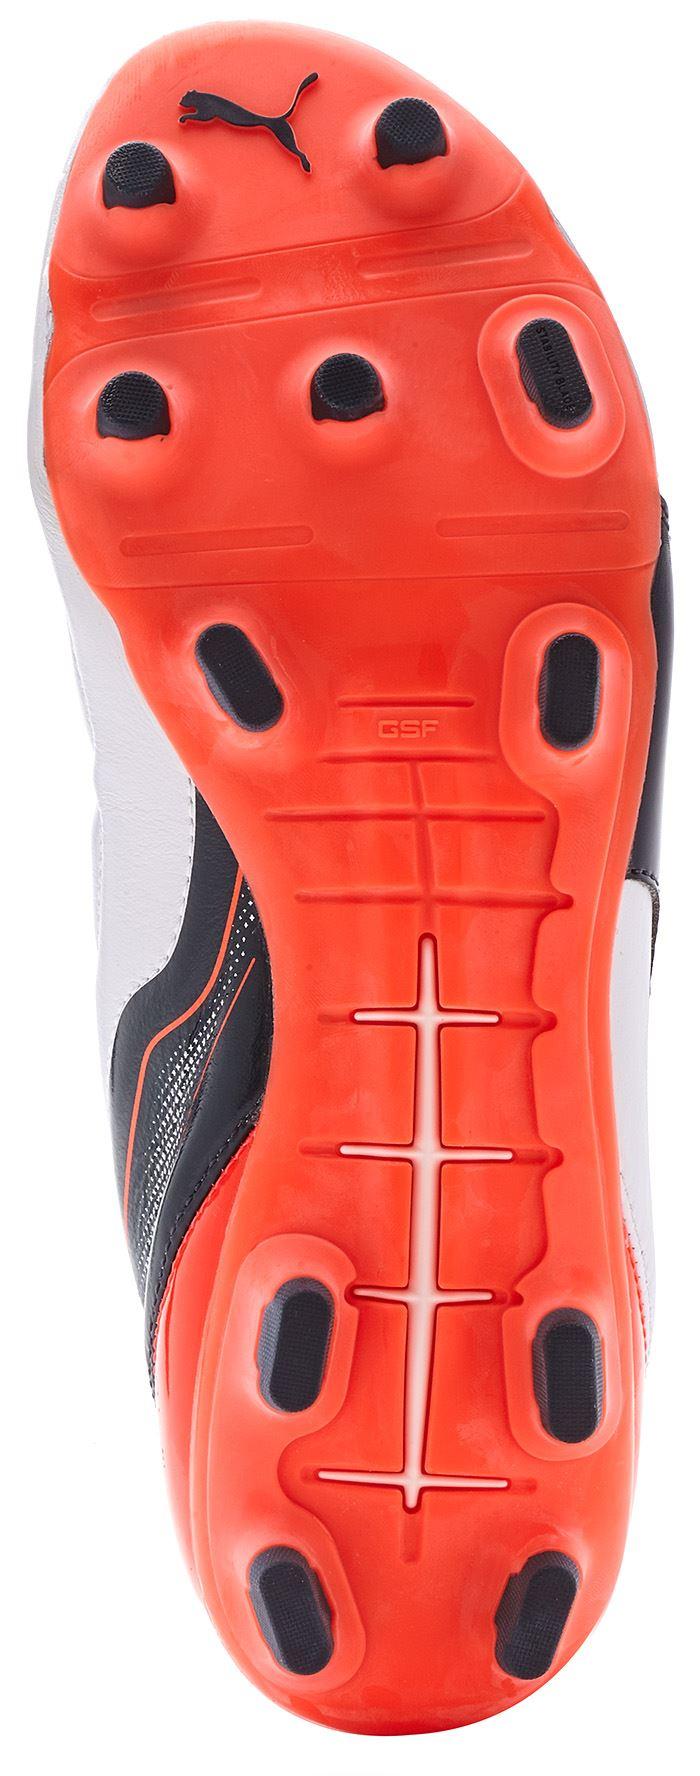 Evopower Puma 1,2 & 2.2 Scarpe Scarpini Da Calcio Gli Scarpini Scarpe Da Calcio In Nero - Bianco - Rosso E Arancione bdd780